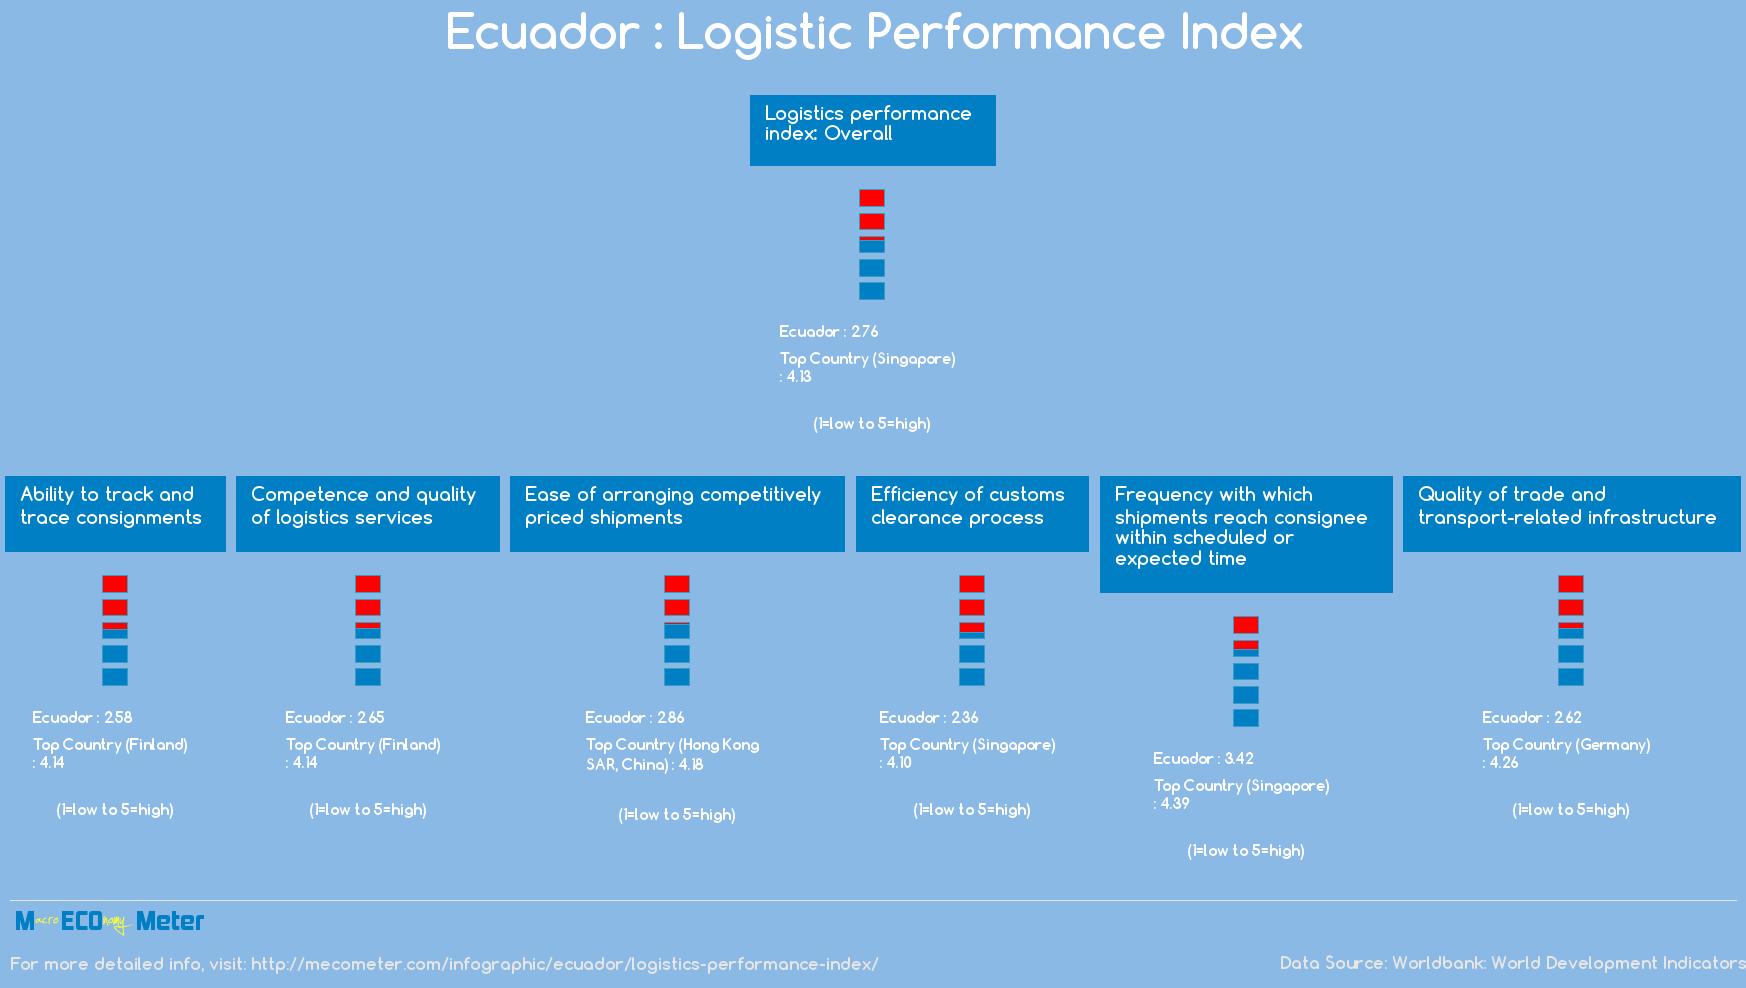 Ecuador : Logistic Performance Index